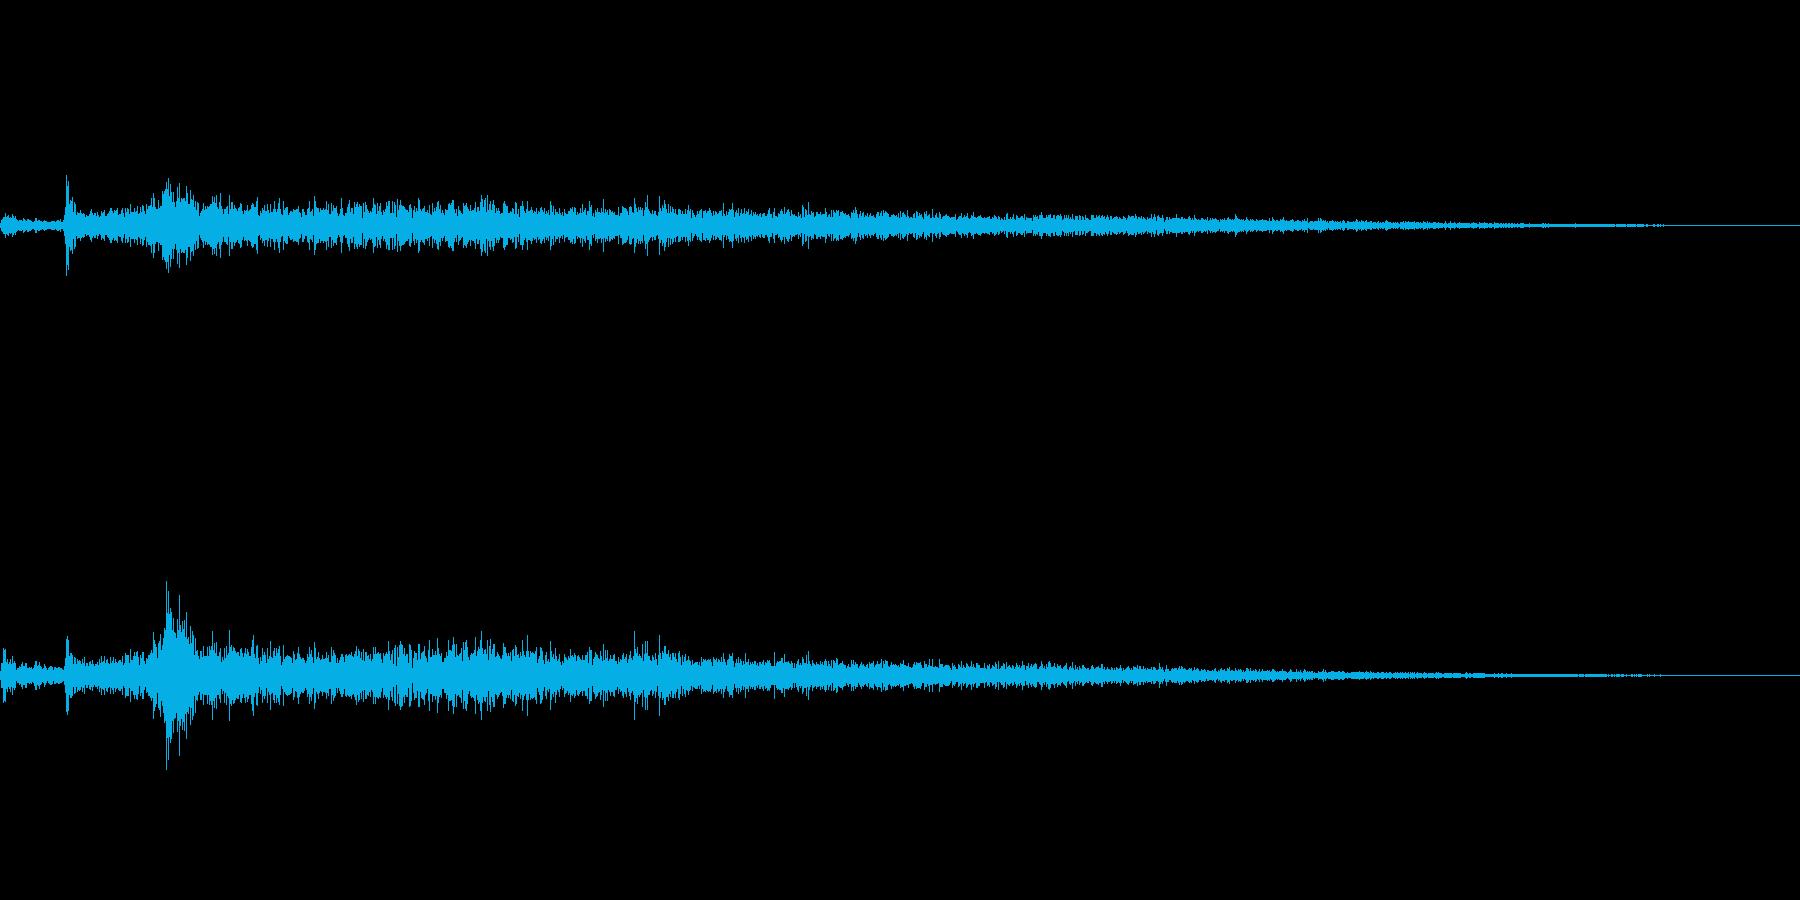 ザバーン(水辺に飛び込む音)の再生済みの波形